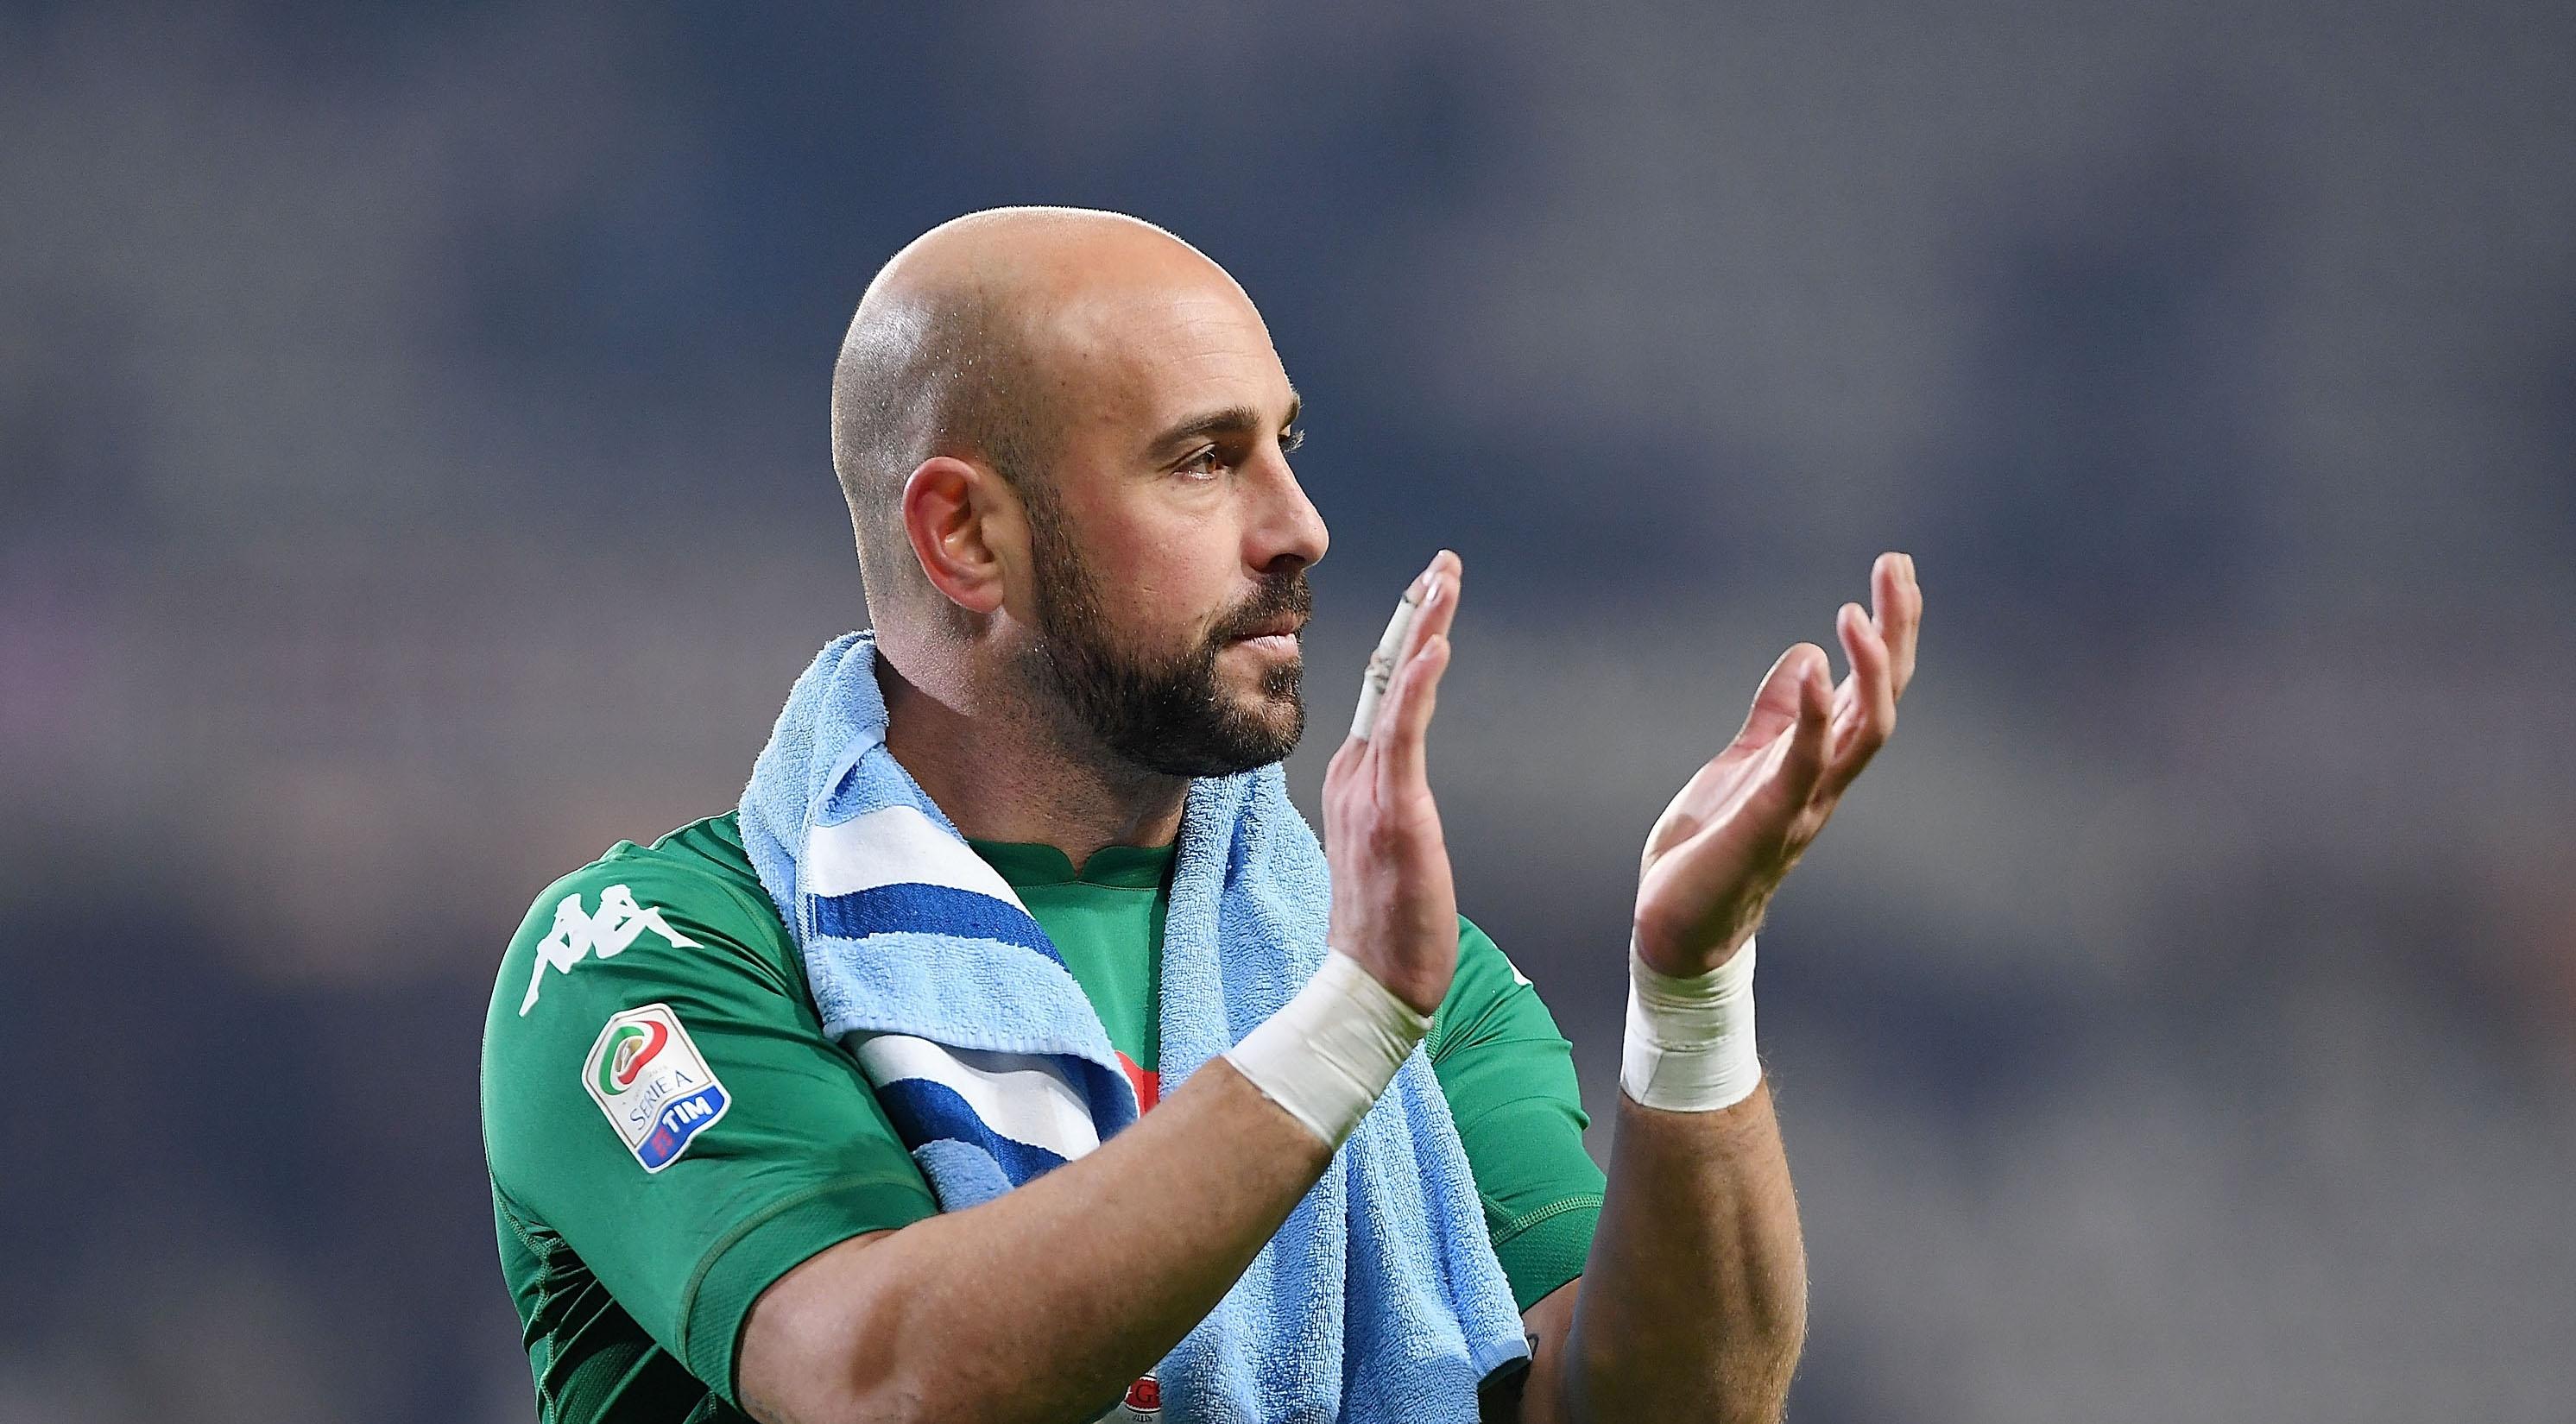 Кризата между ръководството и футболистите на Наполи не е случайна